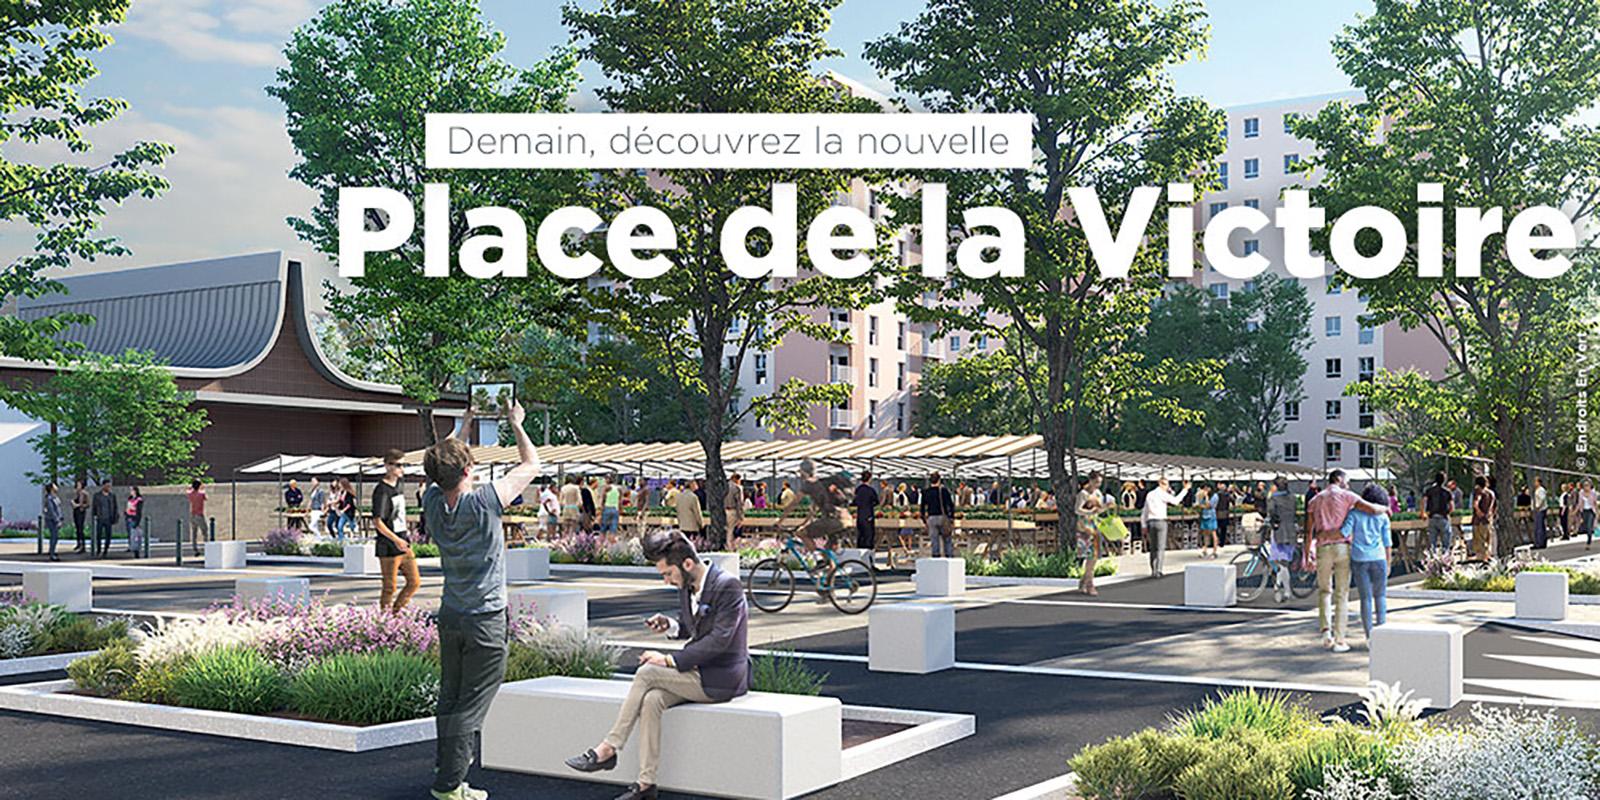 Place de la Victoire Dénomination